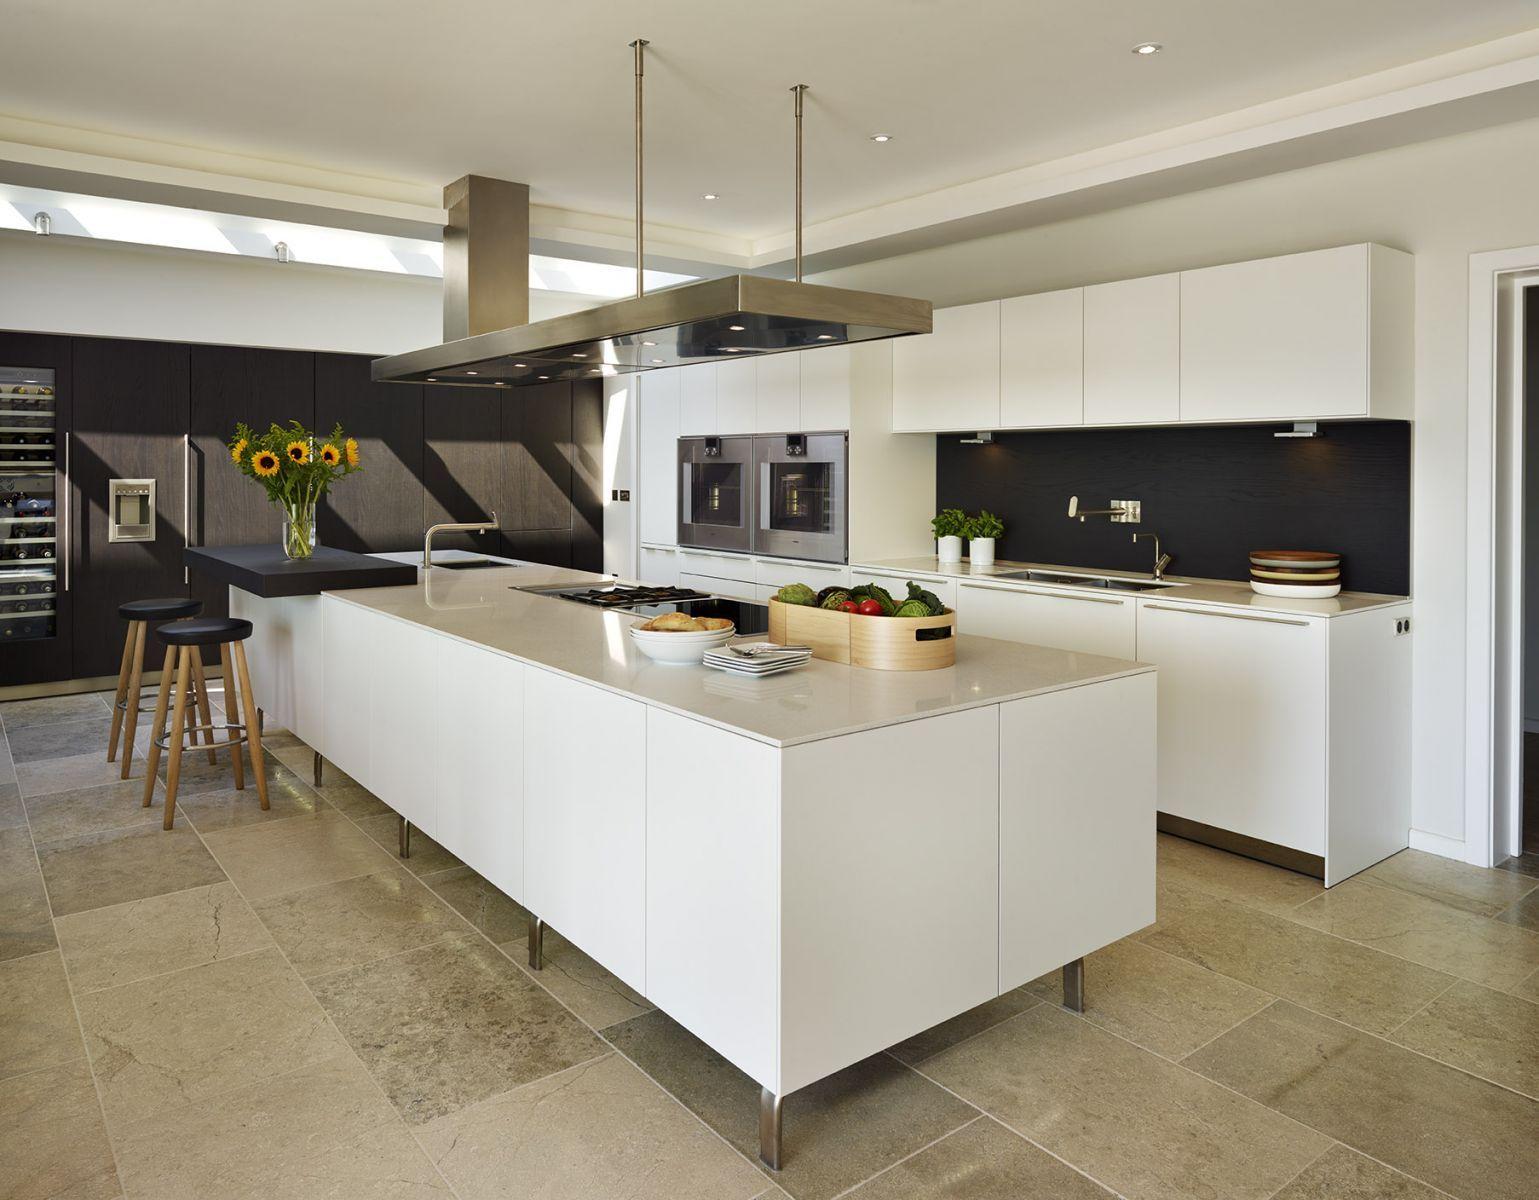 kitchen design tip - make sure your kitchen island is in